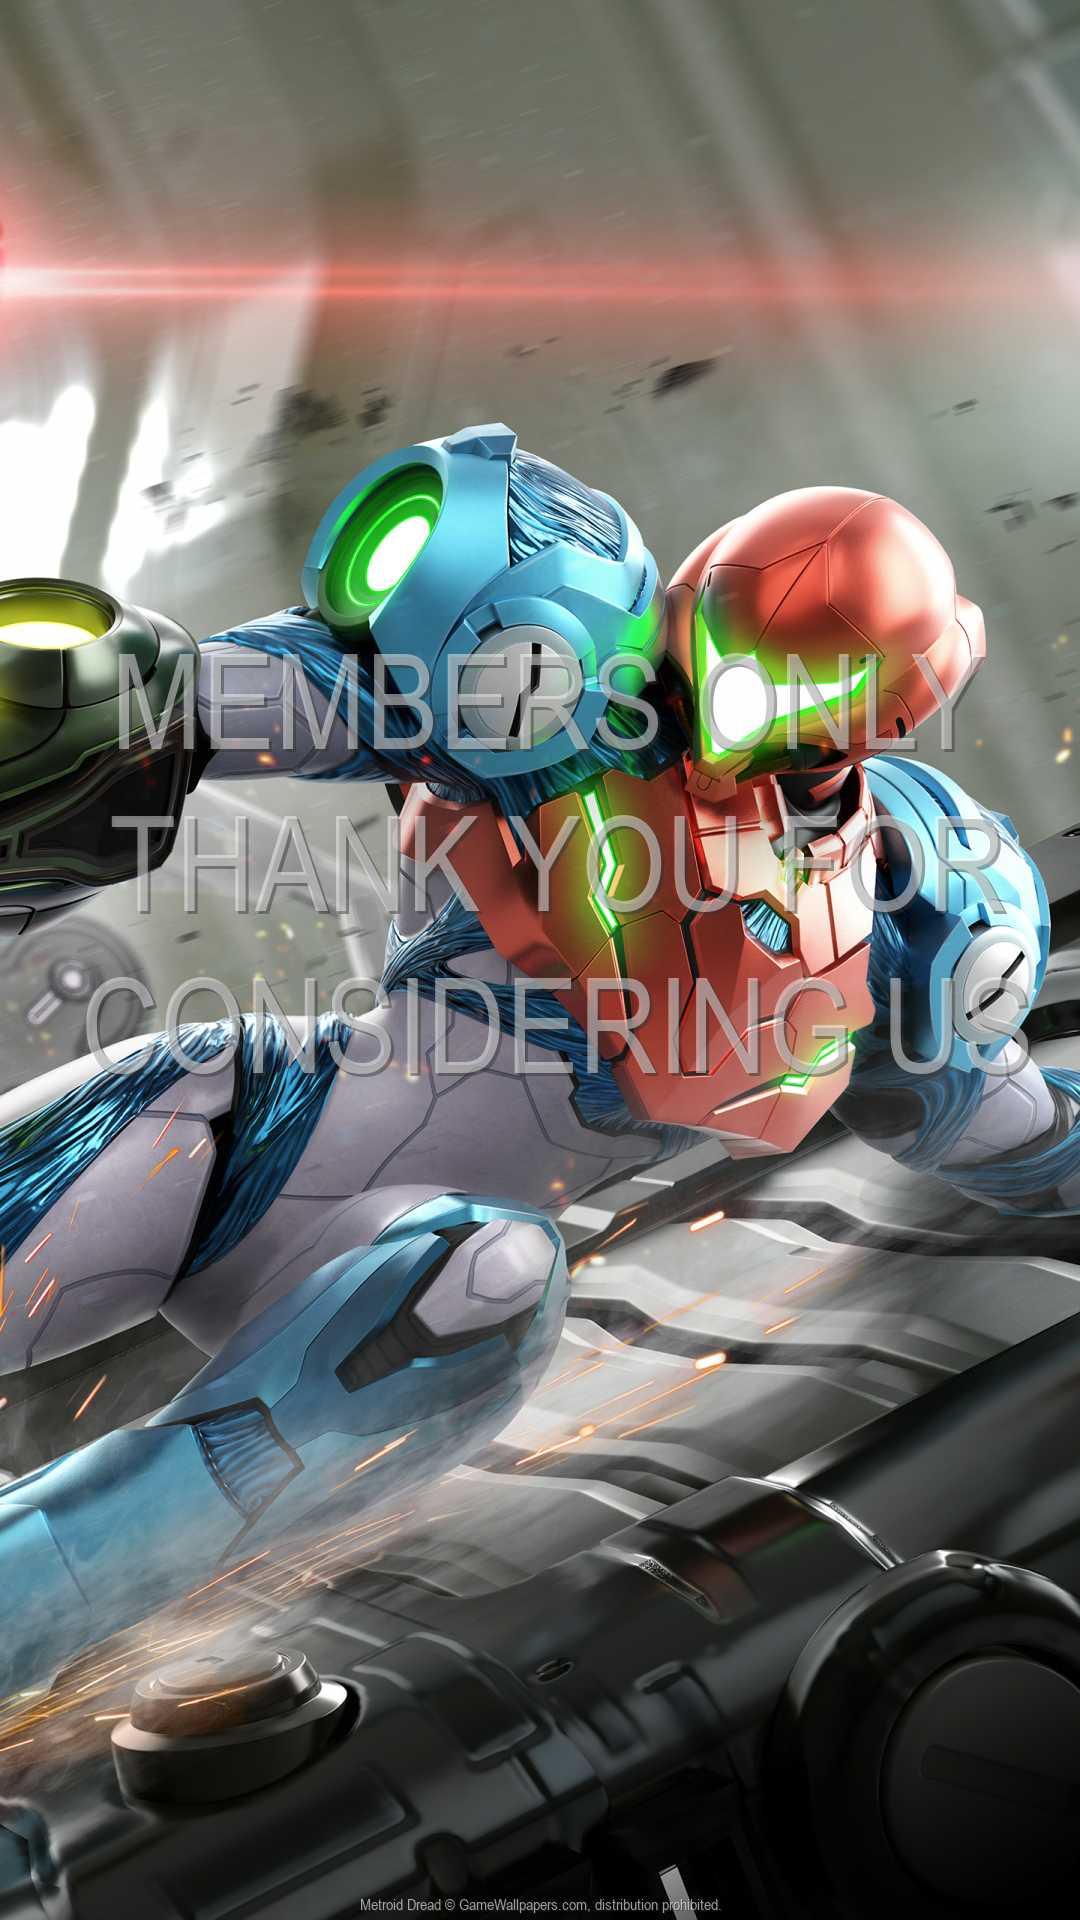 Metroid Dread 1080p Vertical Mobile fond d'écran 01